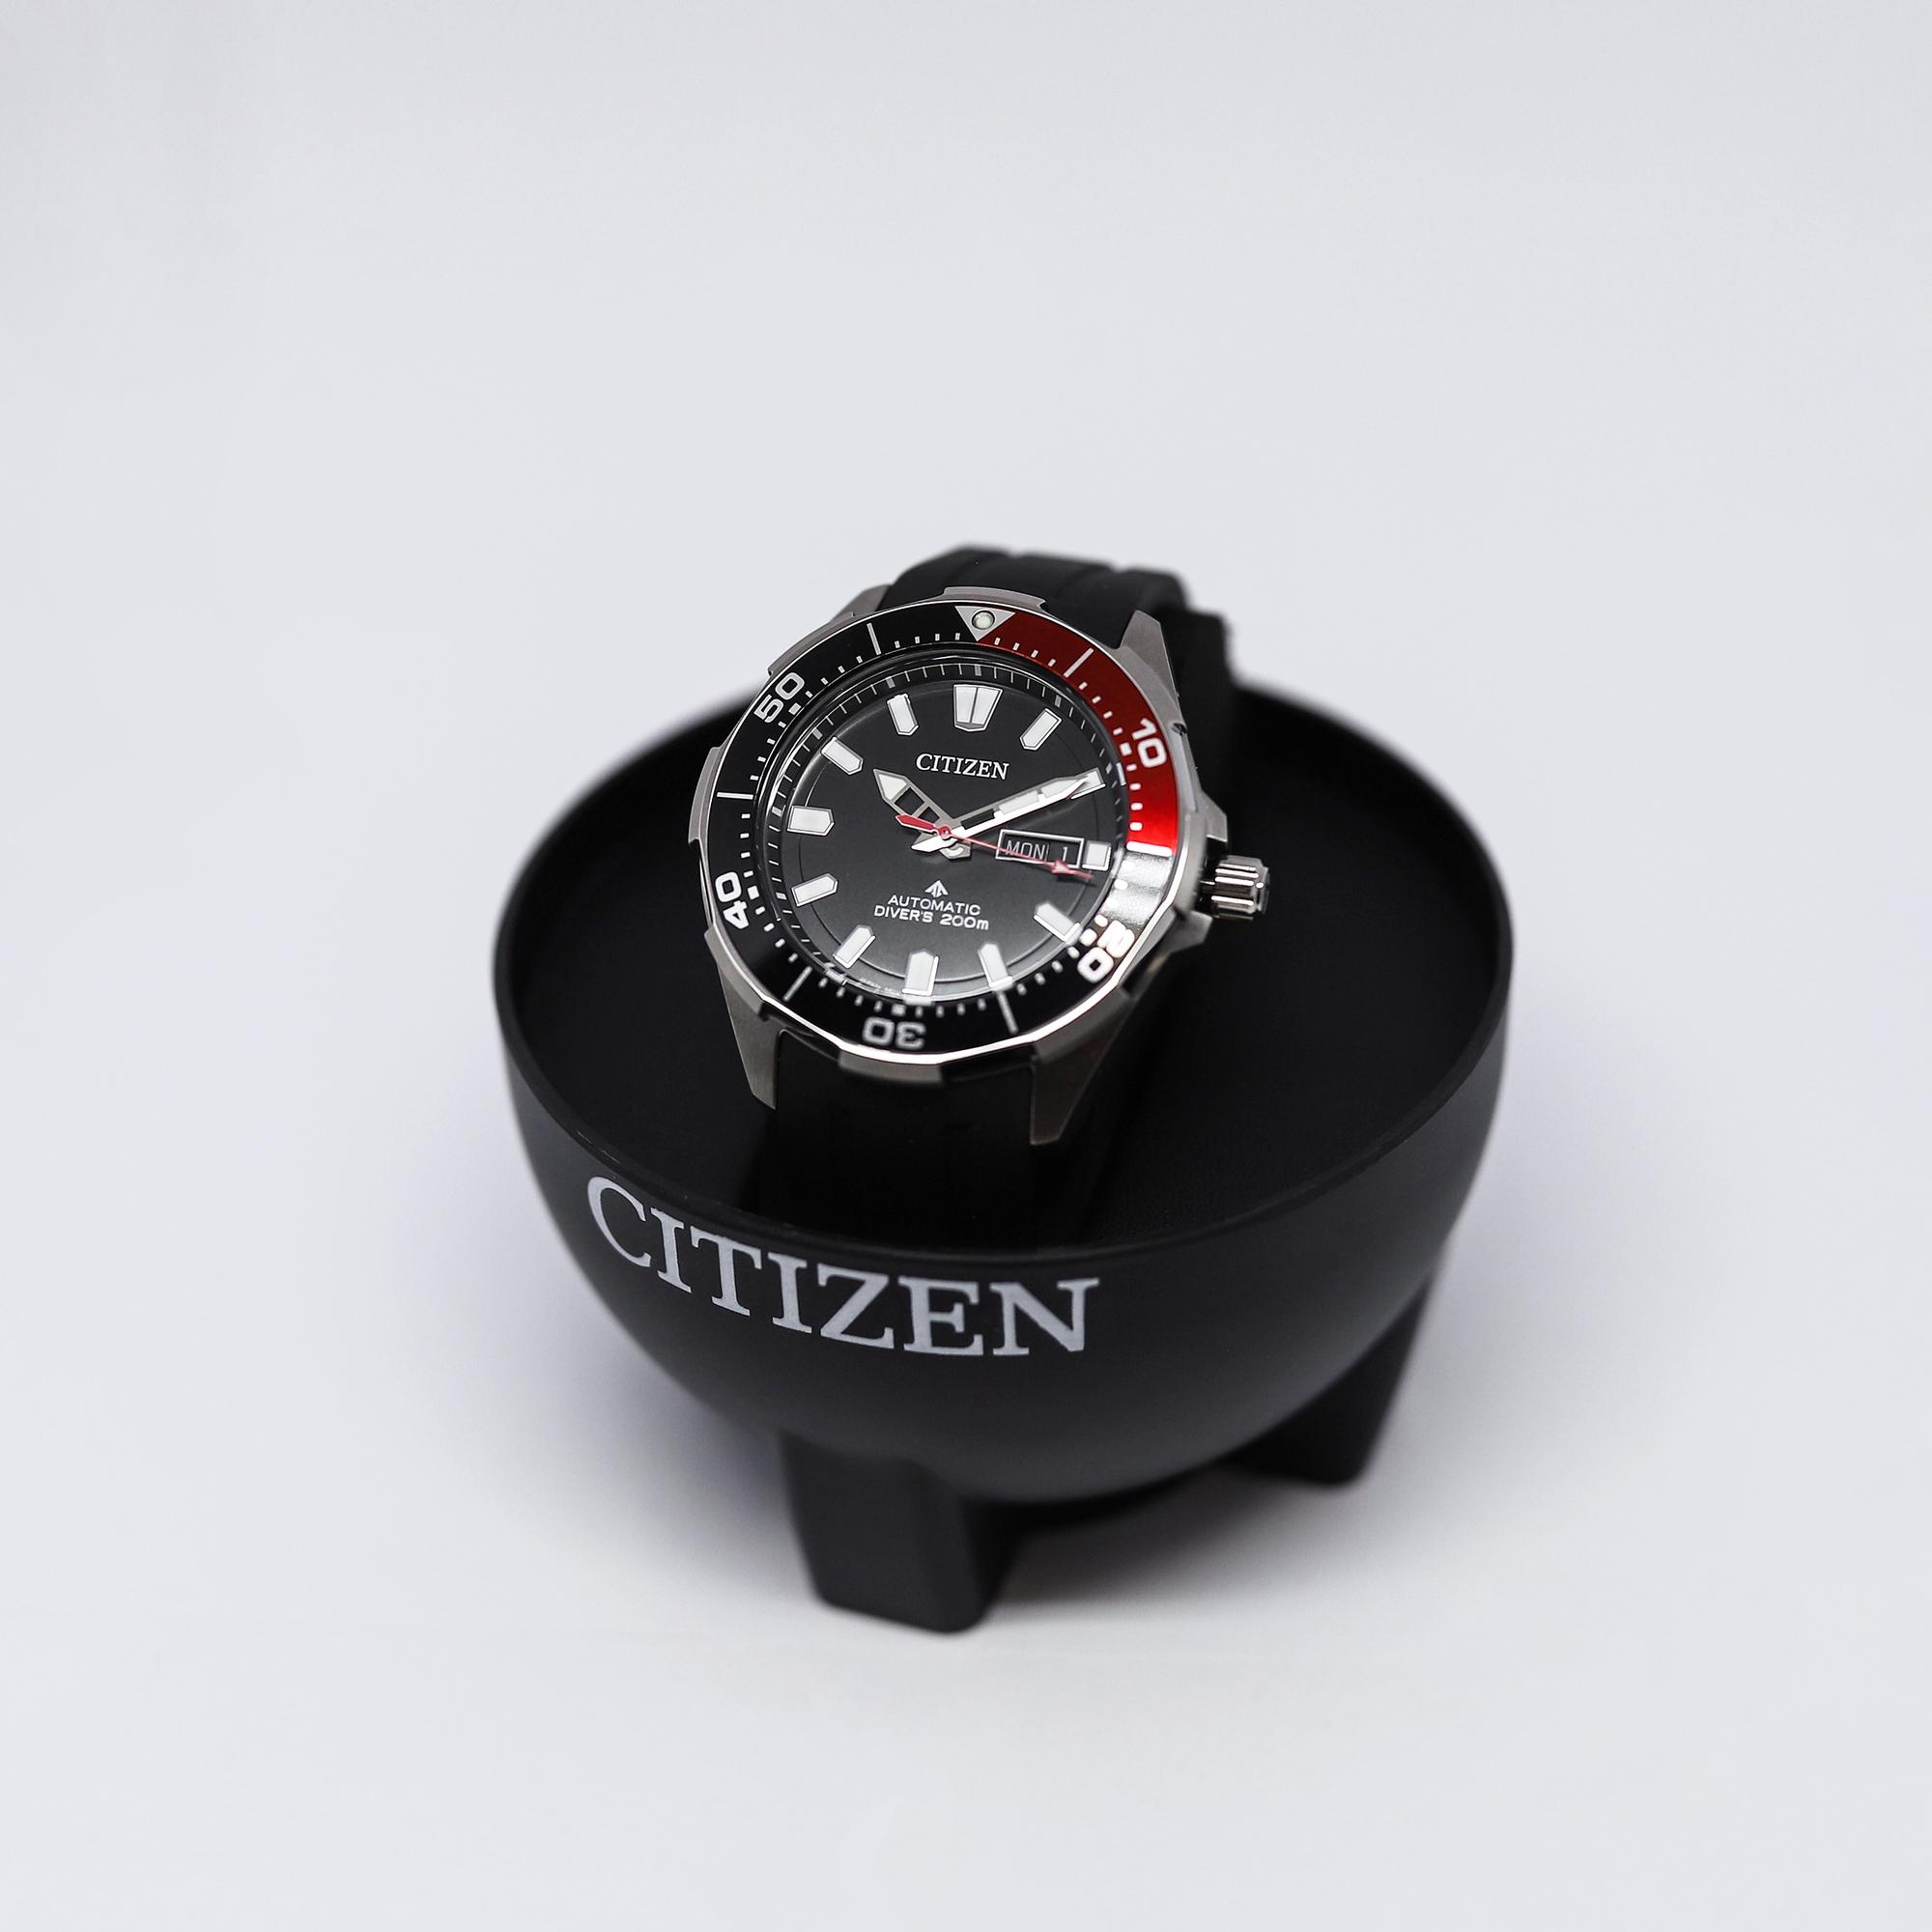 Citizen NY0076-10EE zegarek męski klasyczny Promaster pasek